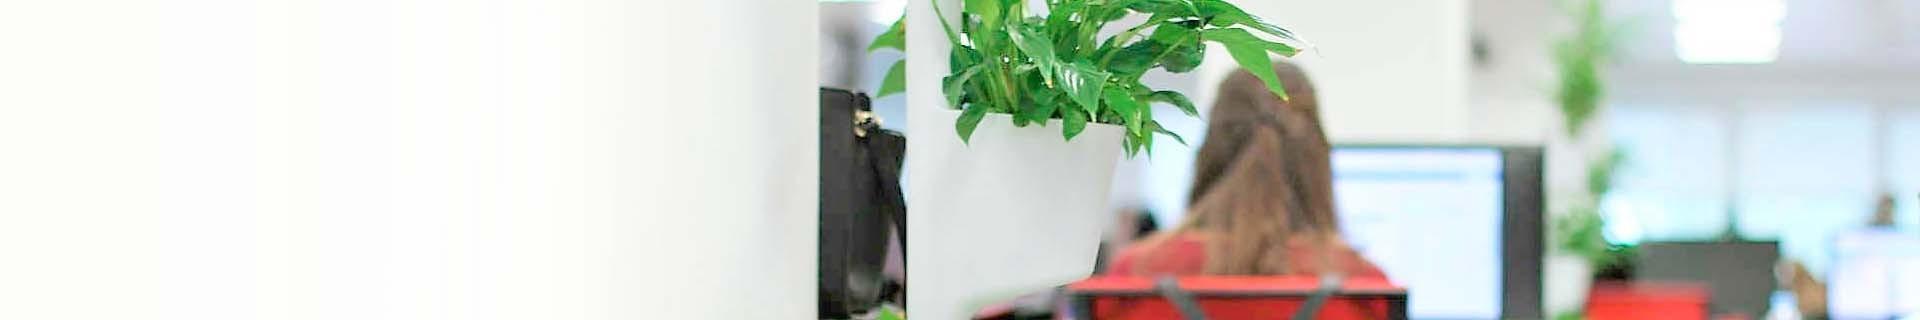 Plantas para oficinas | Expertos en plantas y productos con impacto social y medioambiental | Citysens